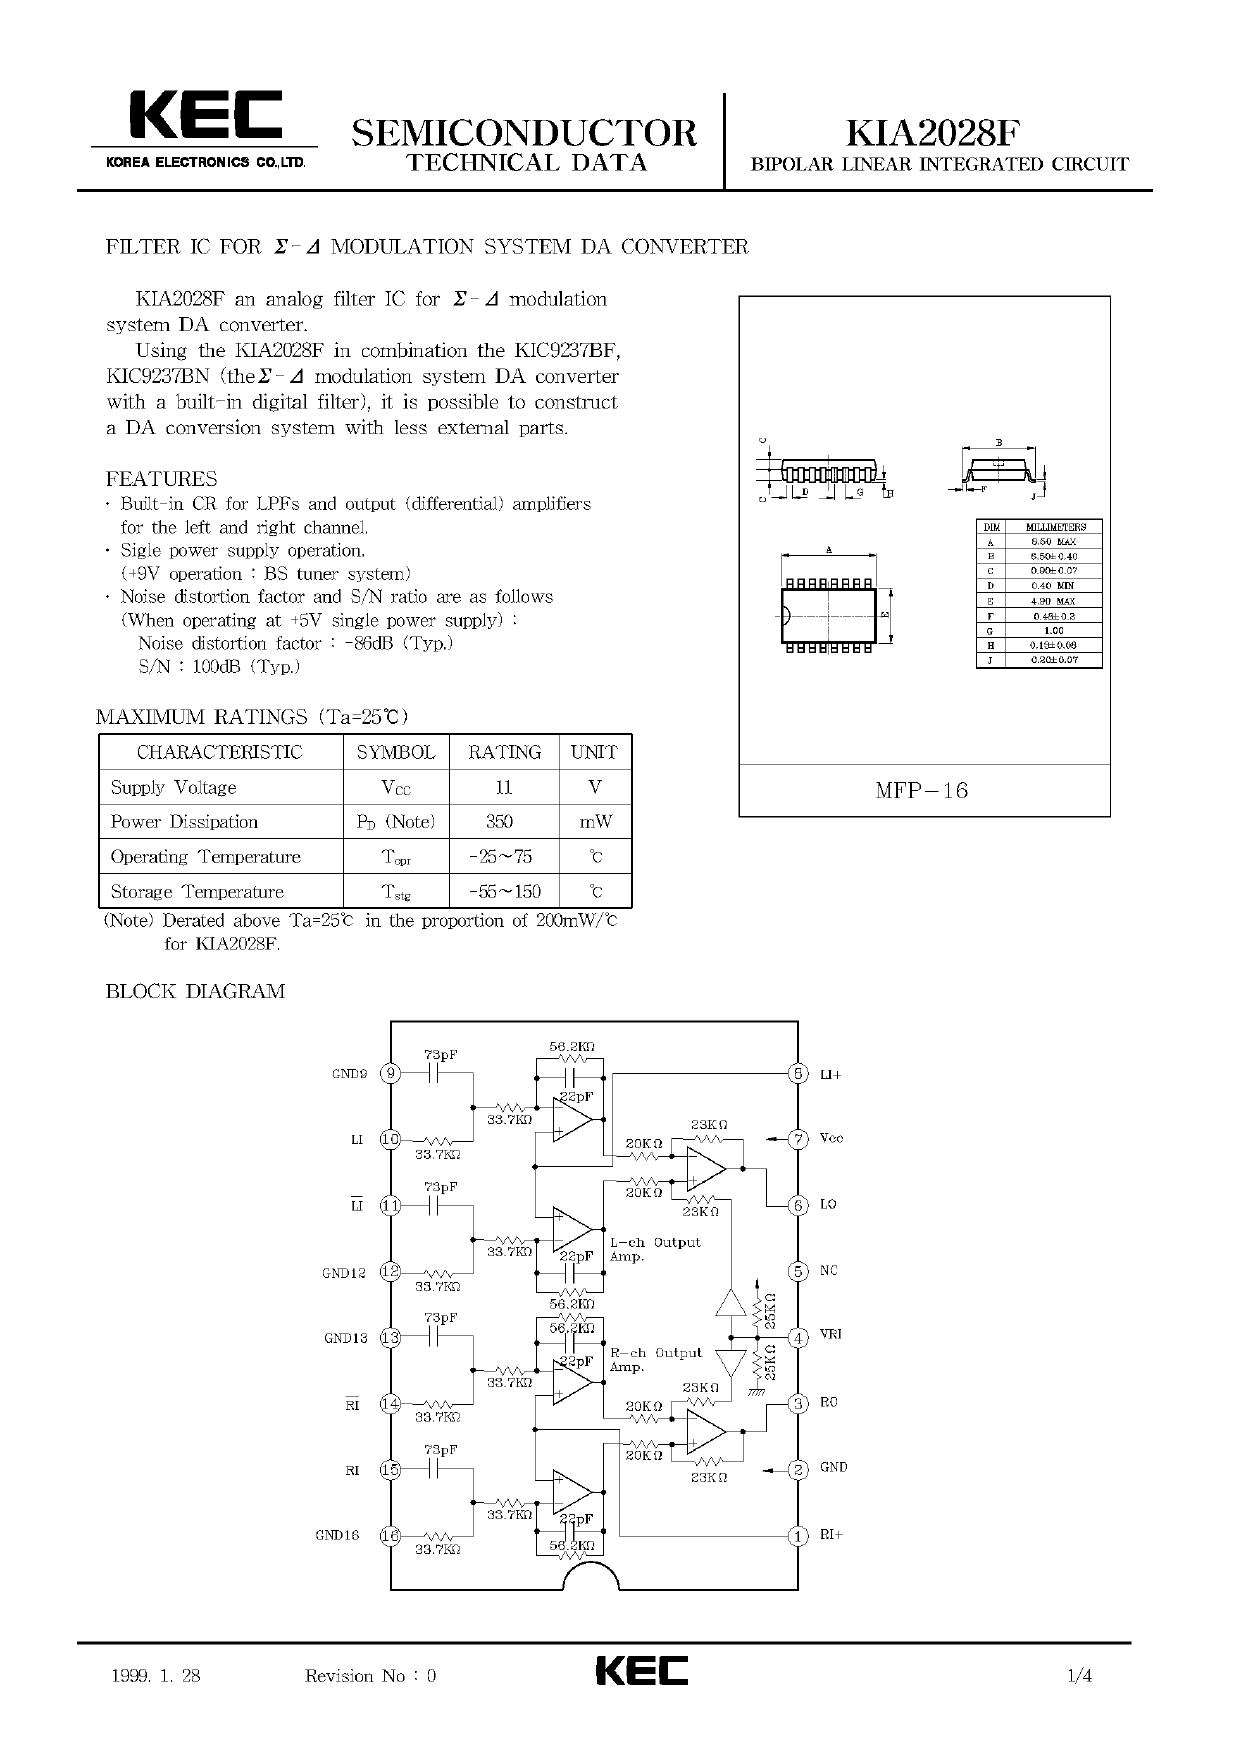 KIA2028F 데이터시트 및 KIA2028F PDF